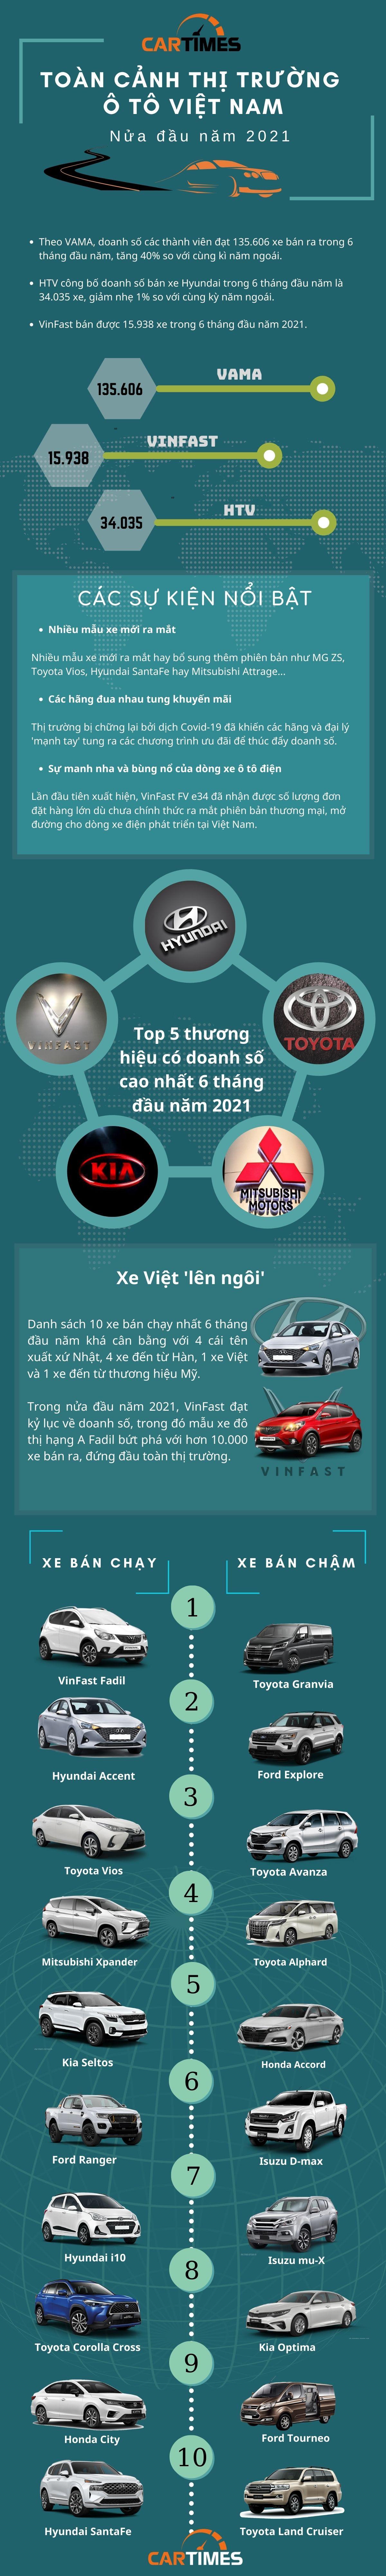 Toàn cảnh thị trường ô tô Việt 6 tháng đầu năm 2021